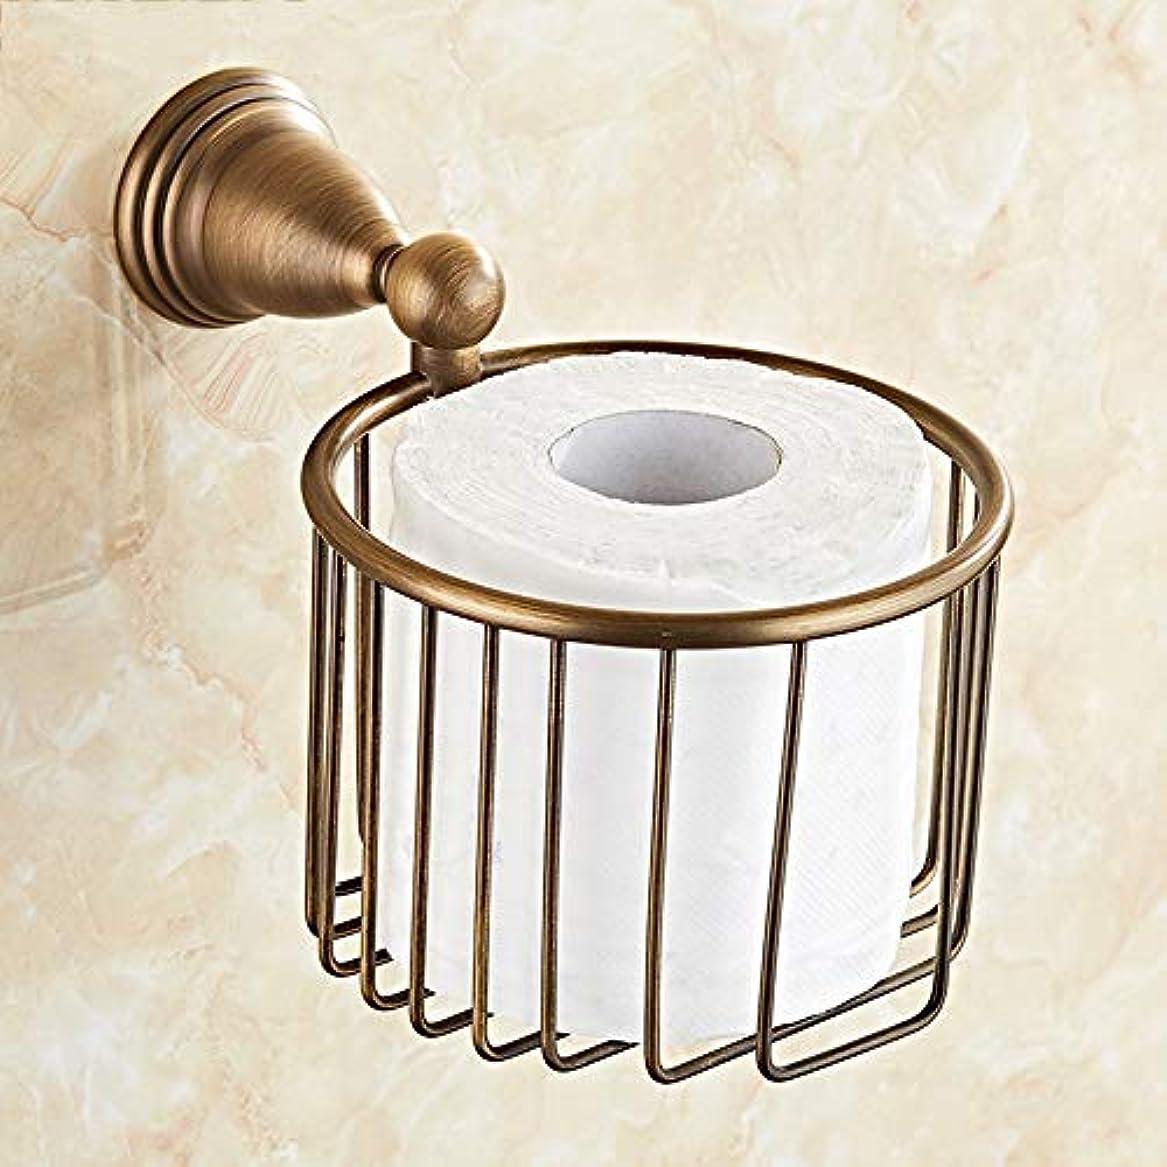 広く好きである集めるZZLX 紙タオルホルダー、無料パンチングヨーロッパスタイルフル銅バスルームのハードウェアアンティークトイレットペーパーホルダーロールホルダー ロングハンドル風呂ブラシ (色 : Punch hole)